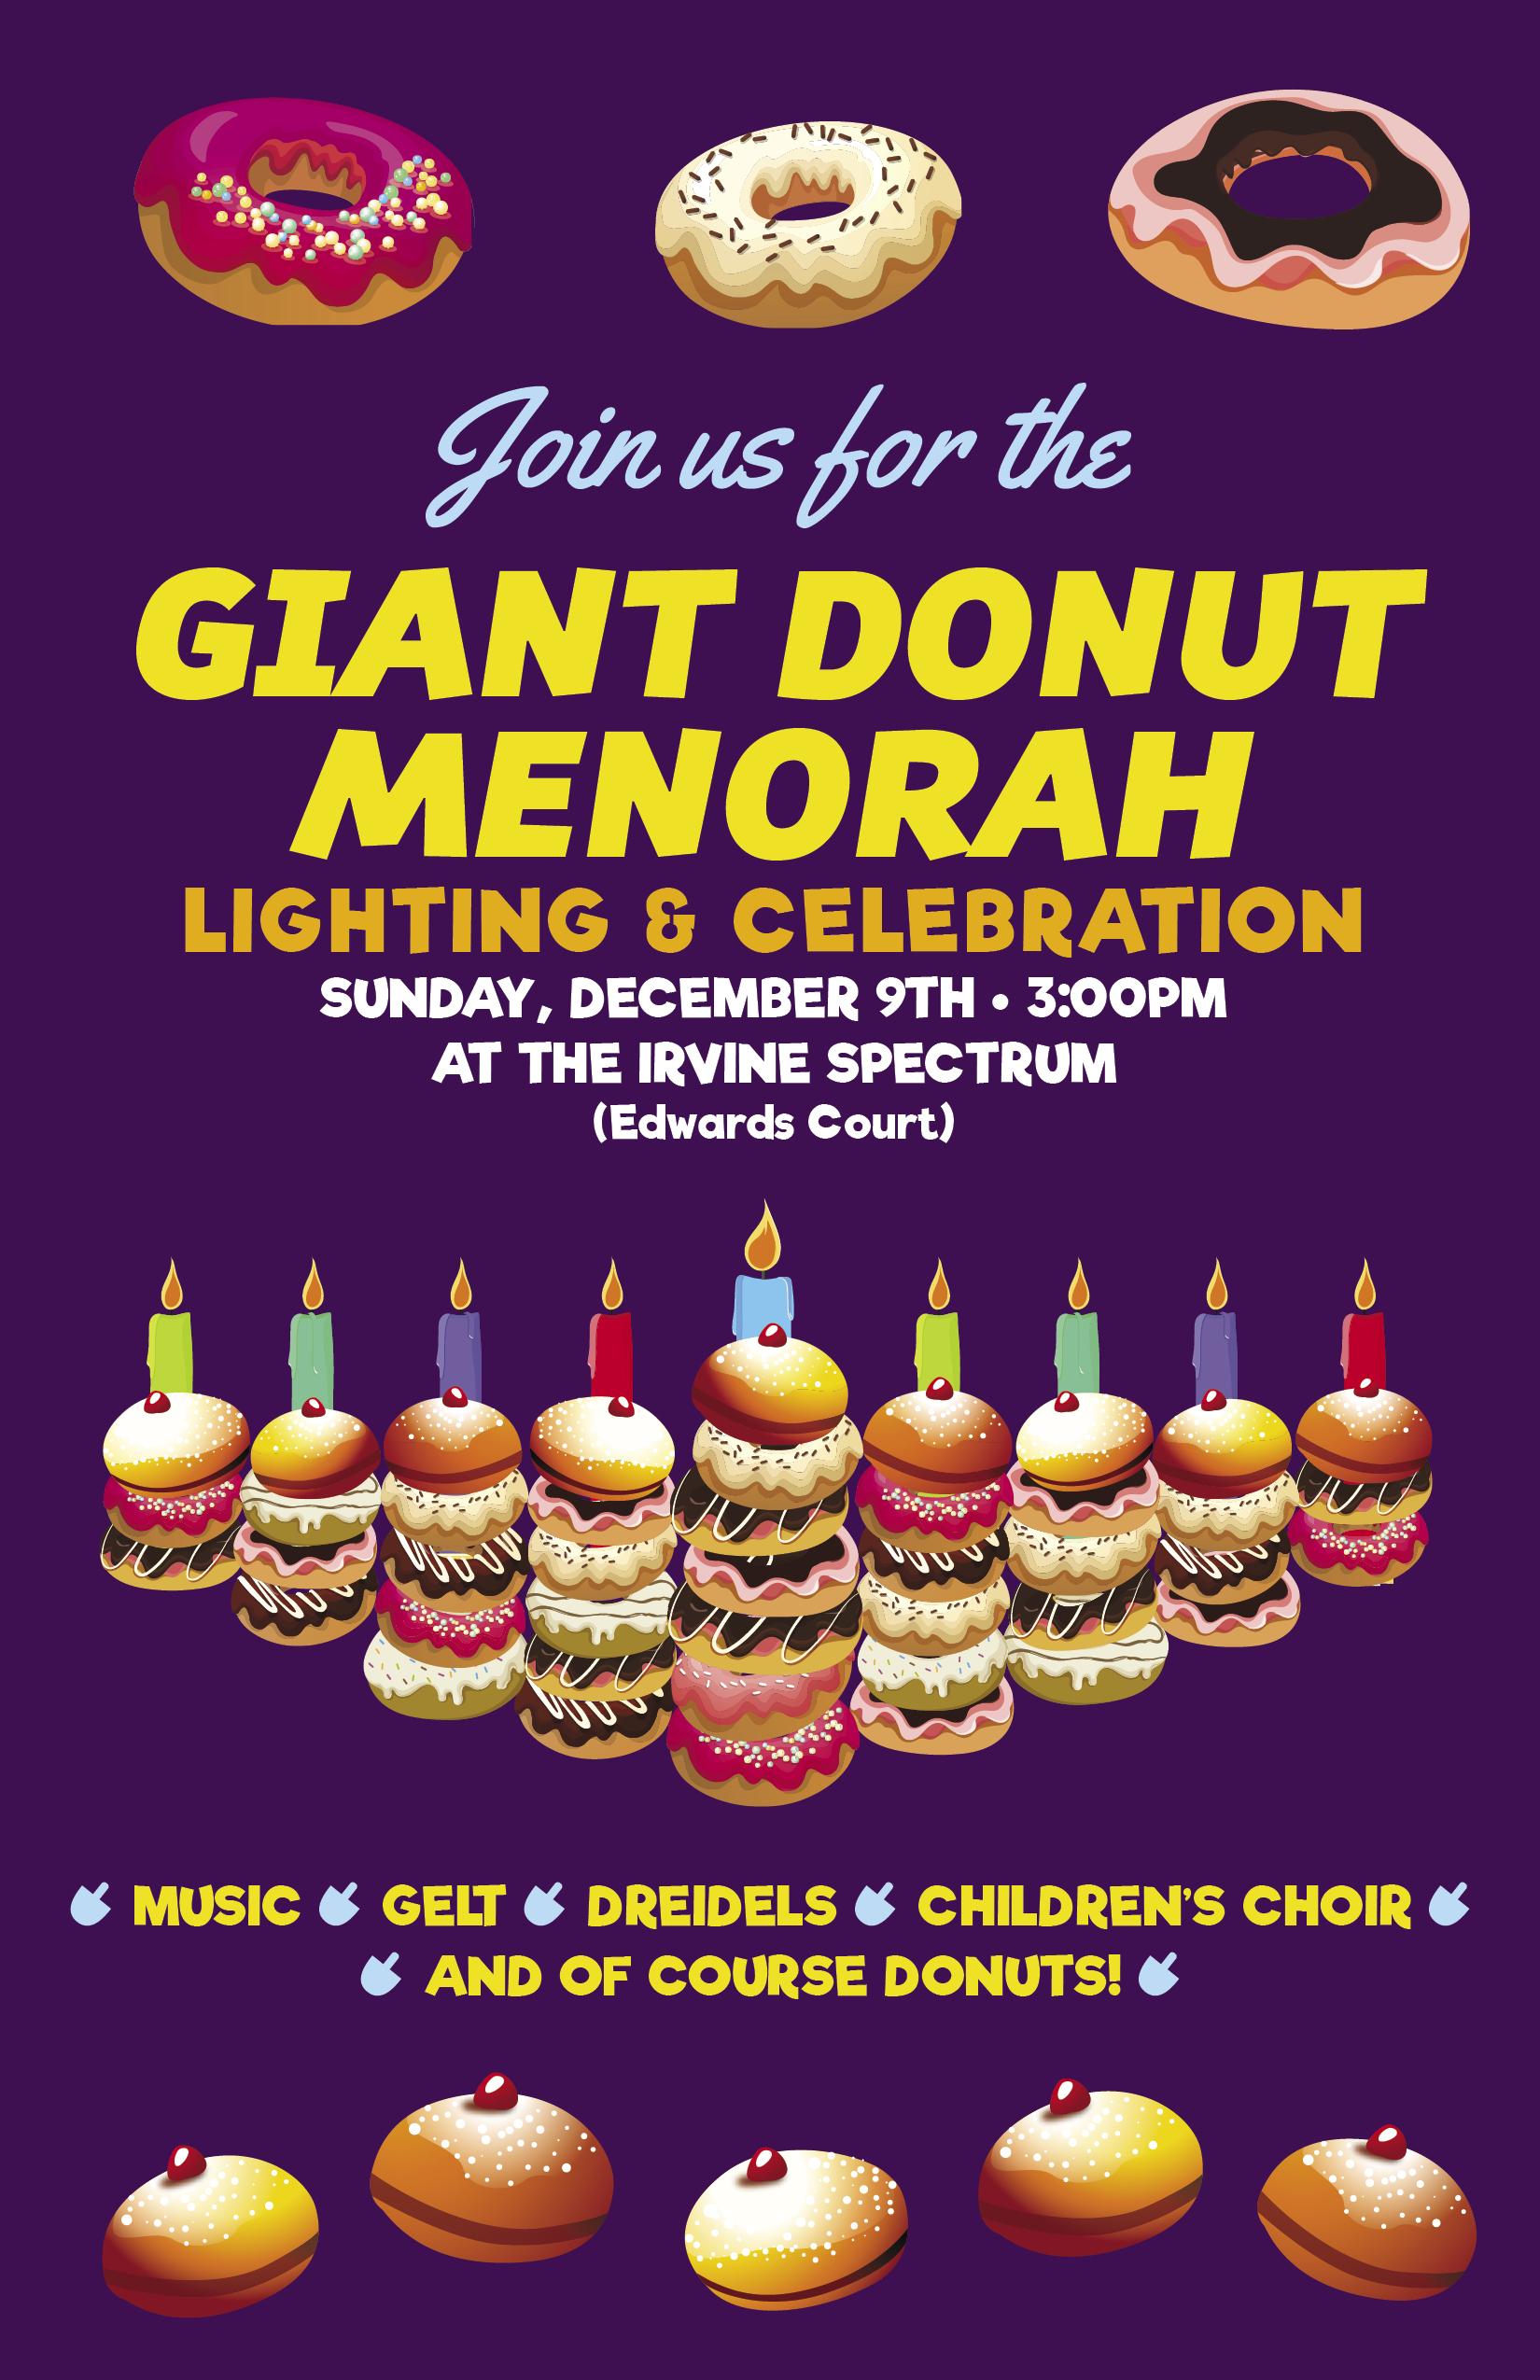 Giant Donut Menorah.jpg